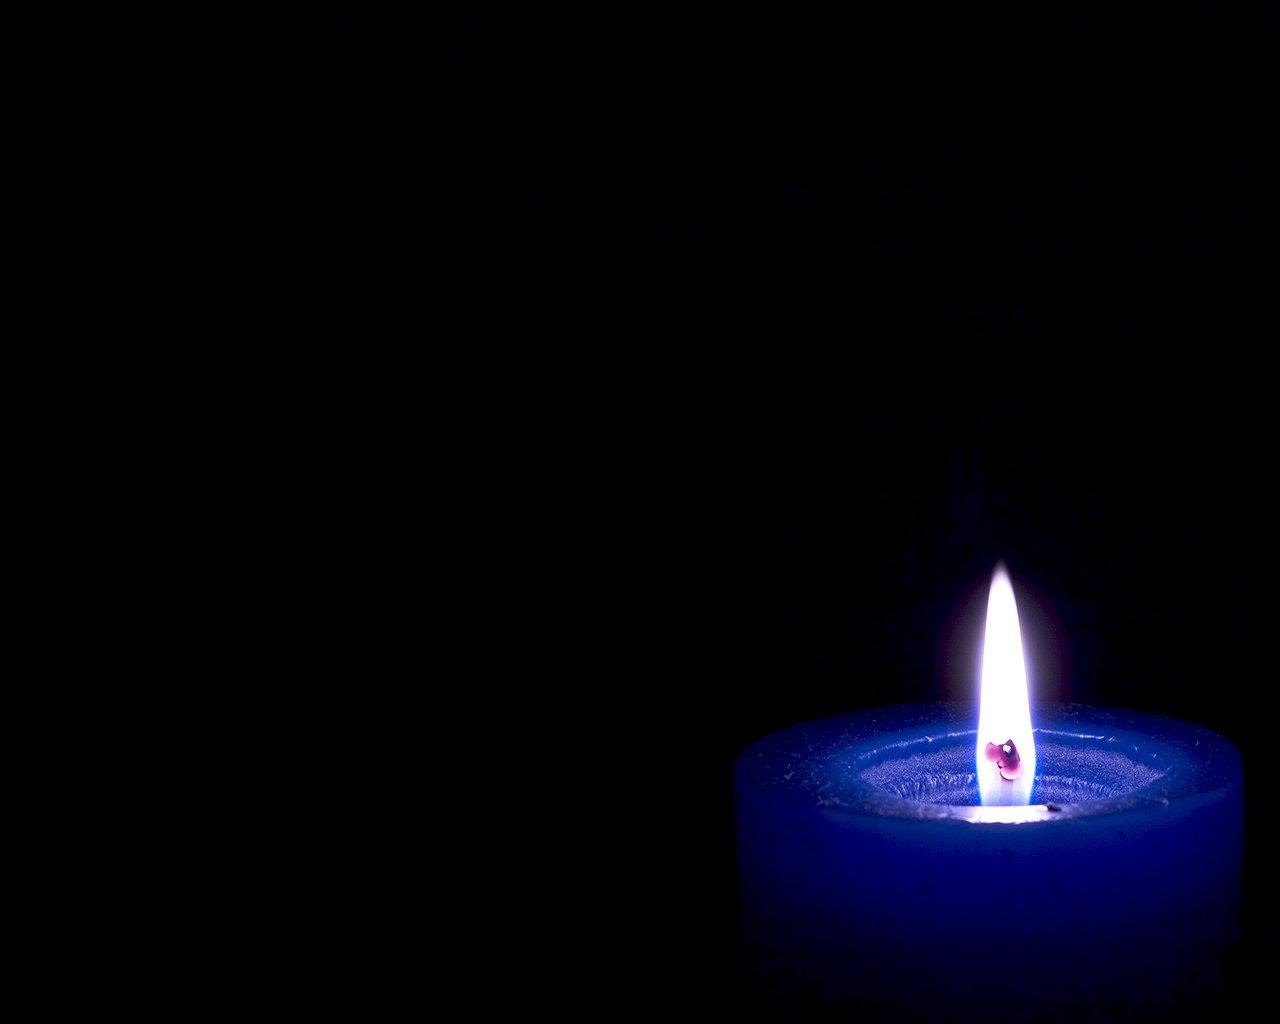 شمعی در بادم